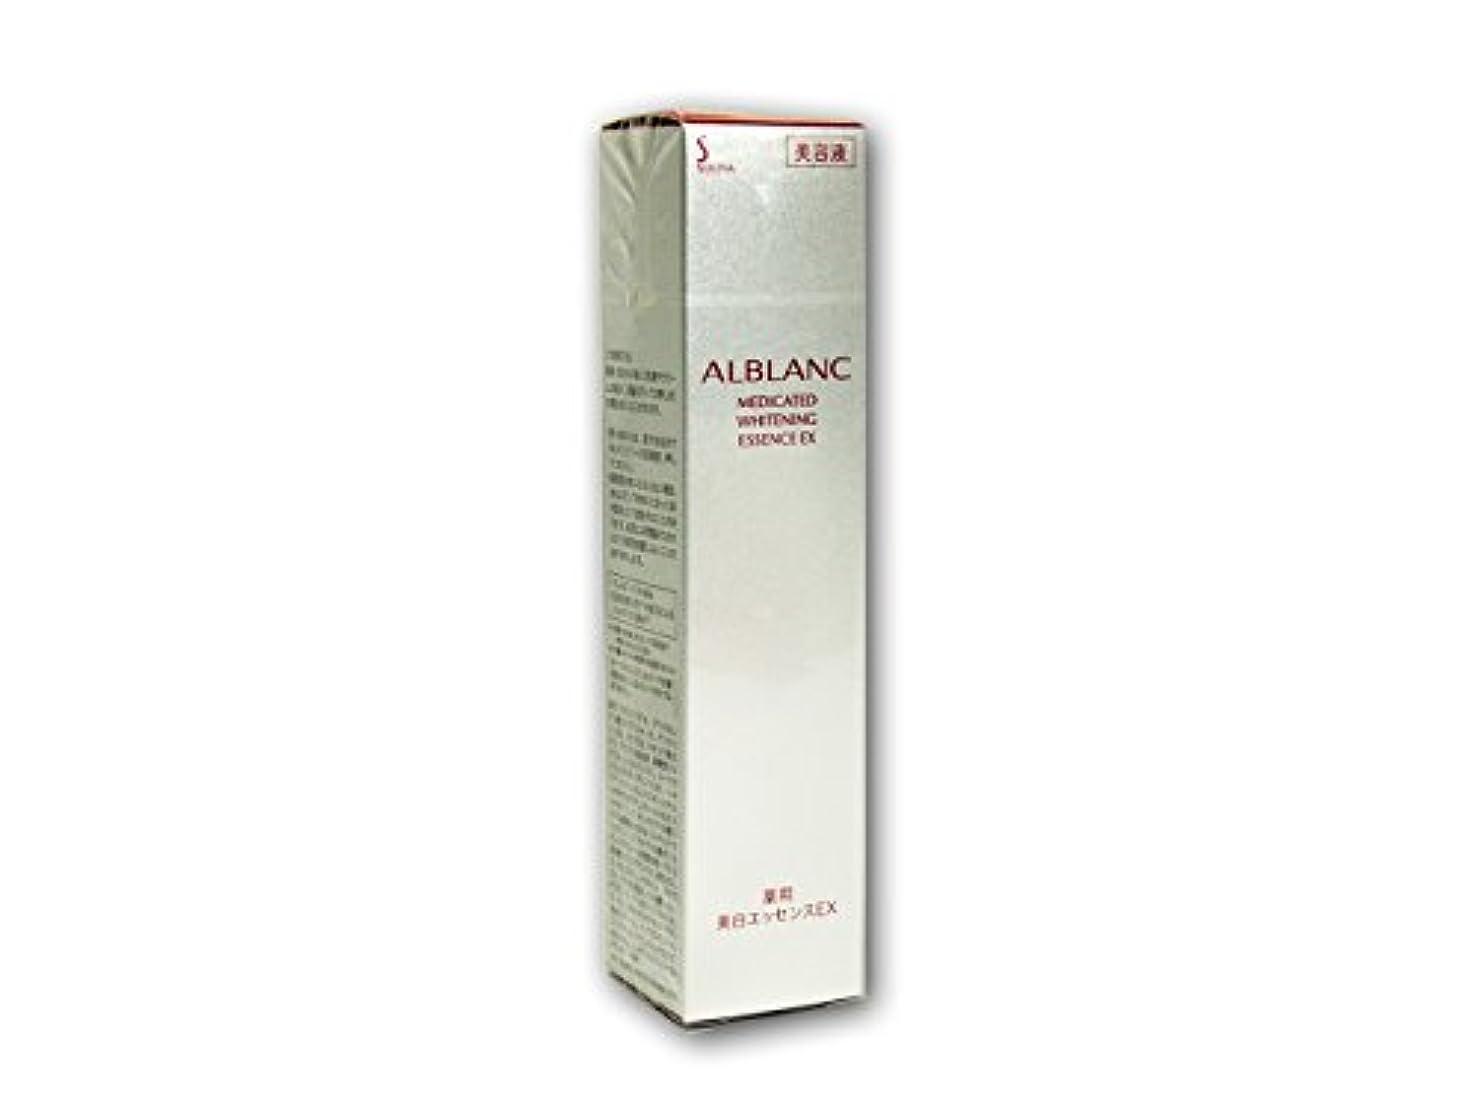 目の前の霧深い区花王 ソフィーナ アルブラン 薬用美白エッセンスEX 40g